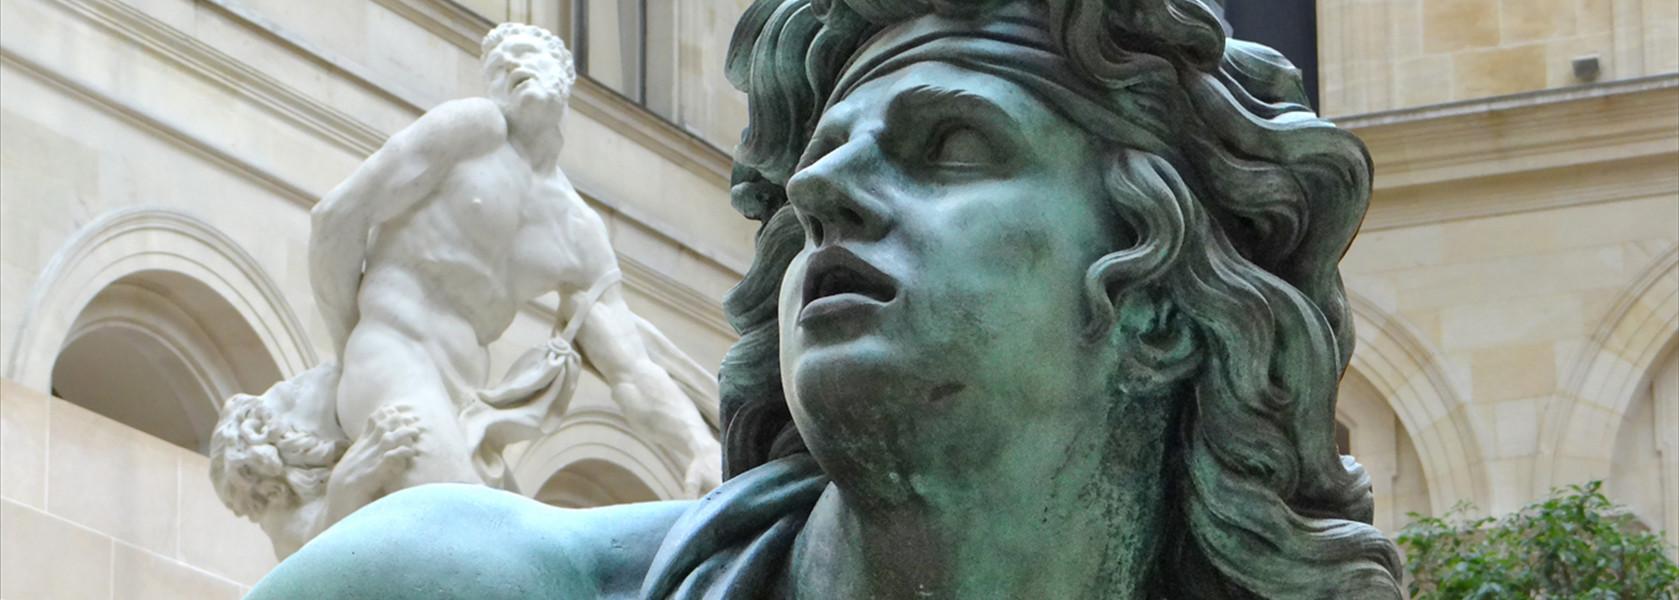 Hero - Rubriek beelden en sculpturen